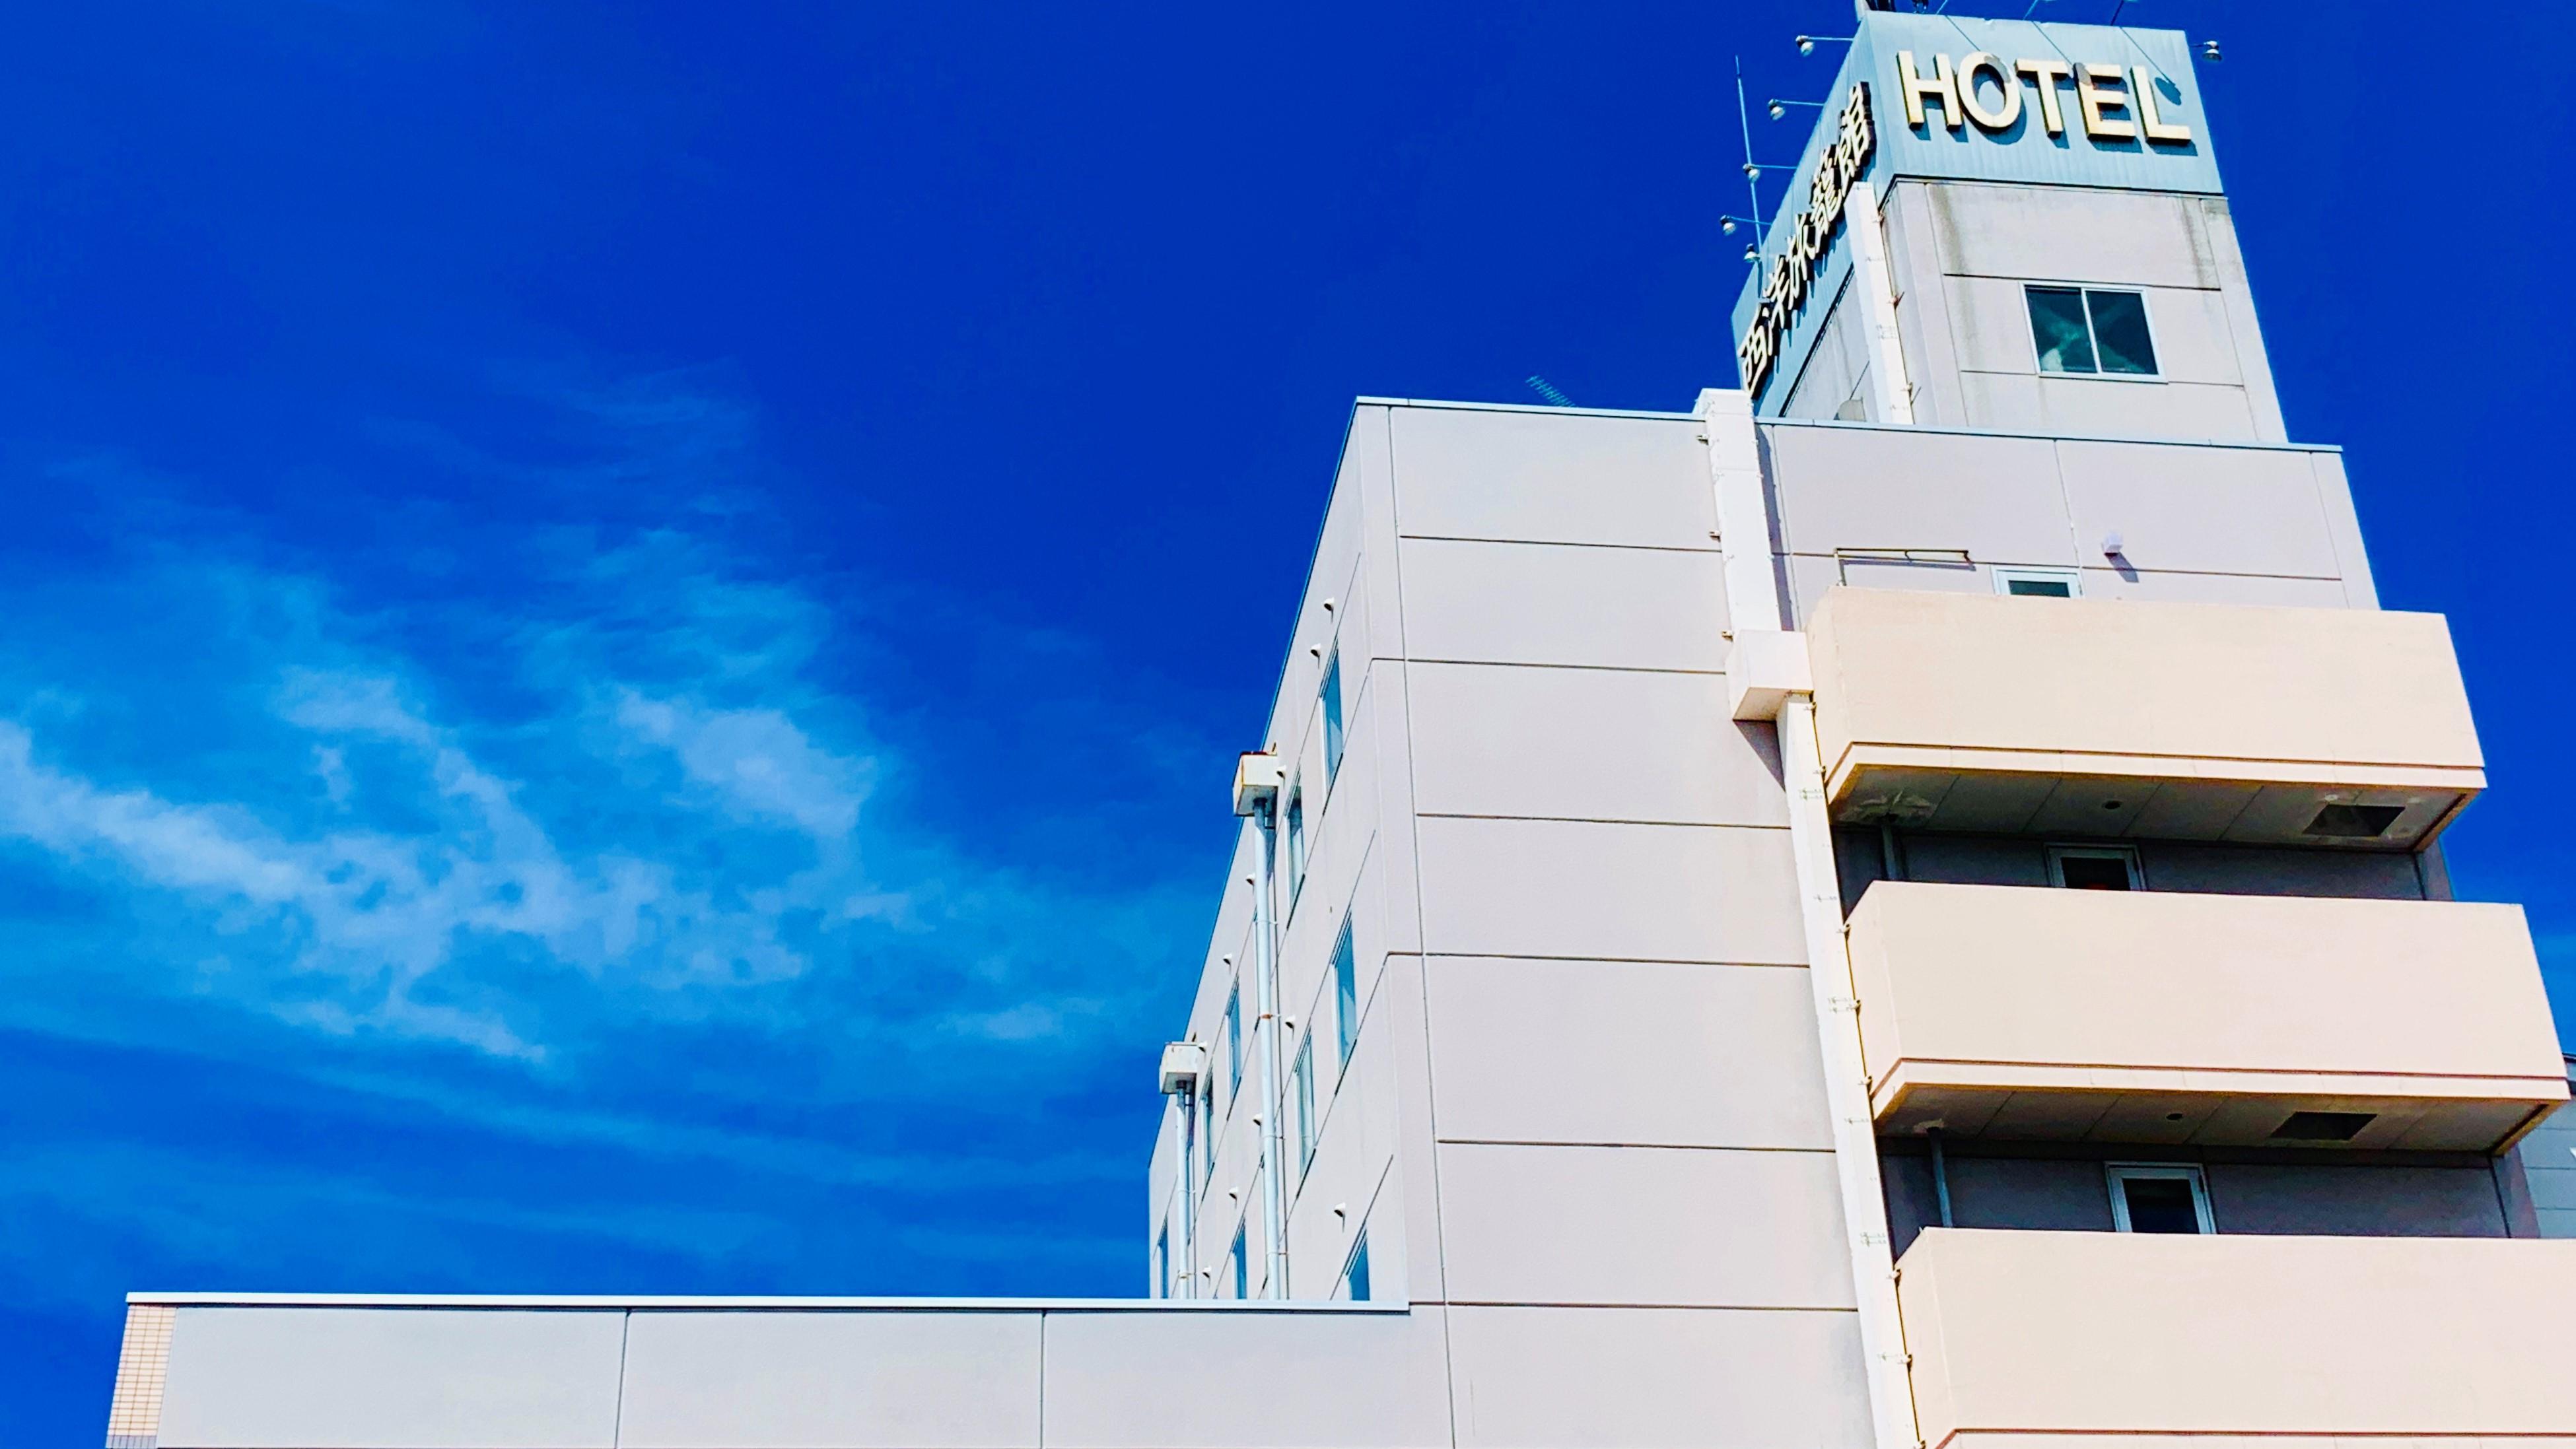 上田 西洋 旅籠館◆楽天トラベル